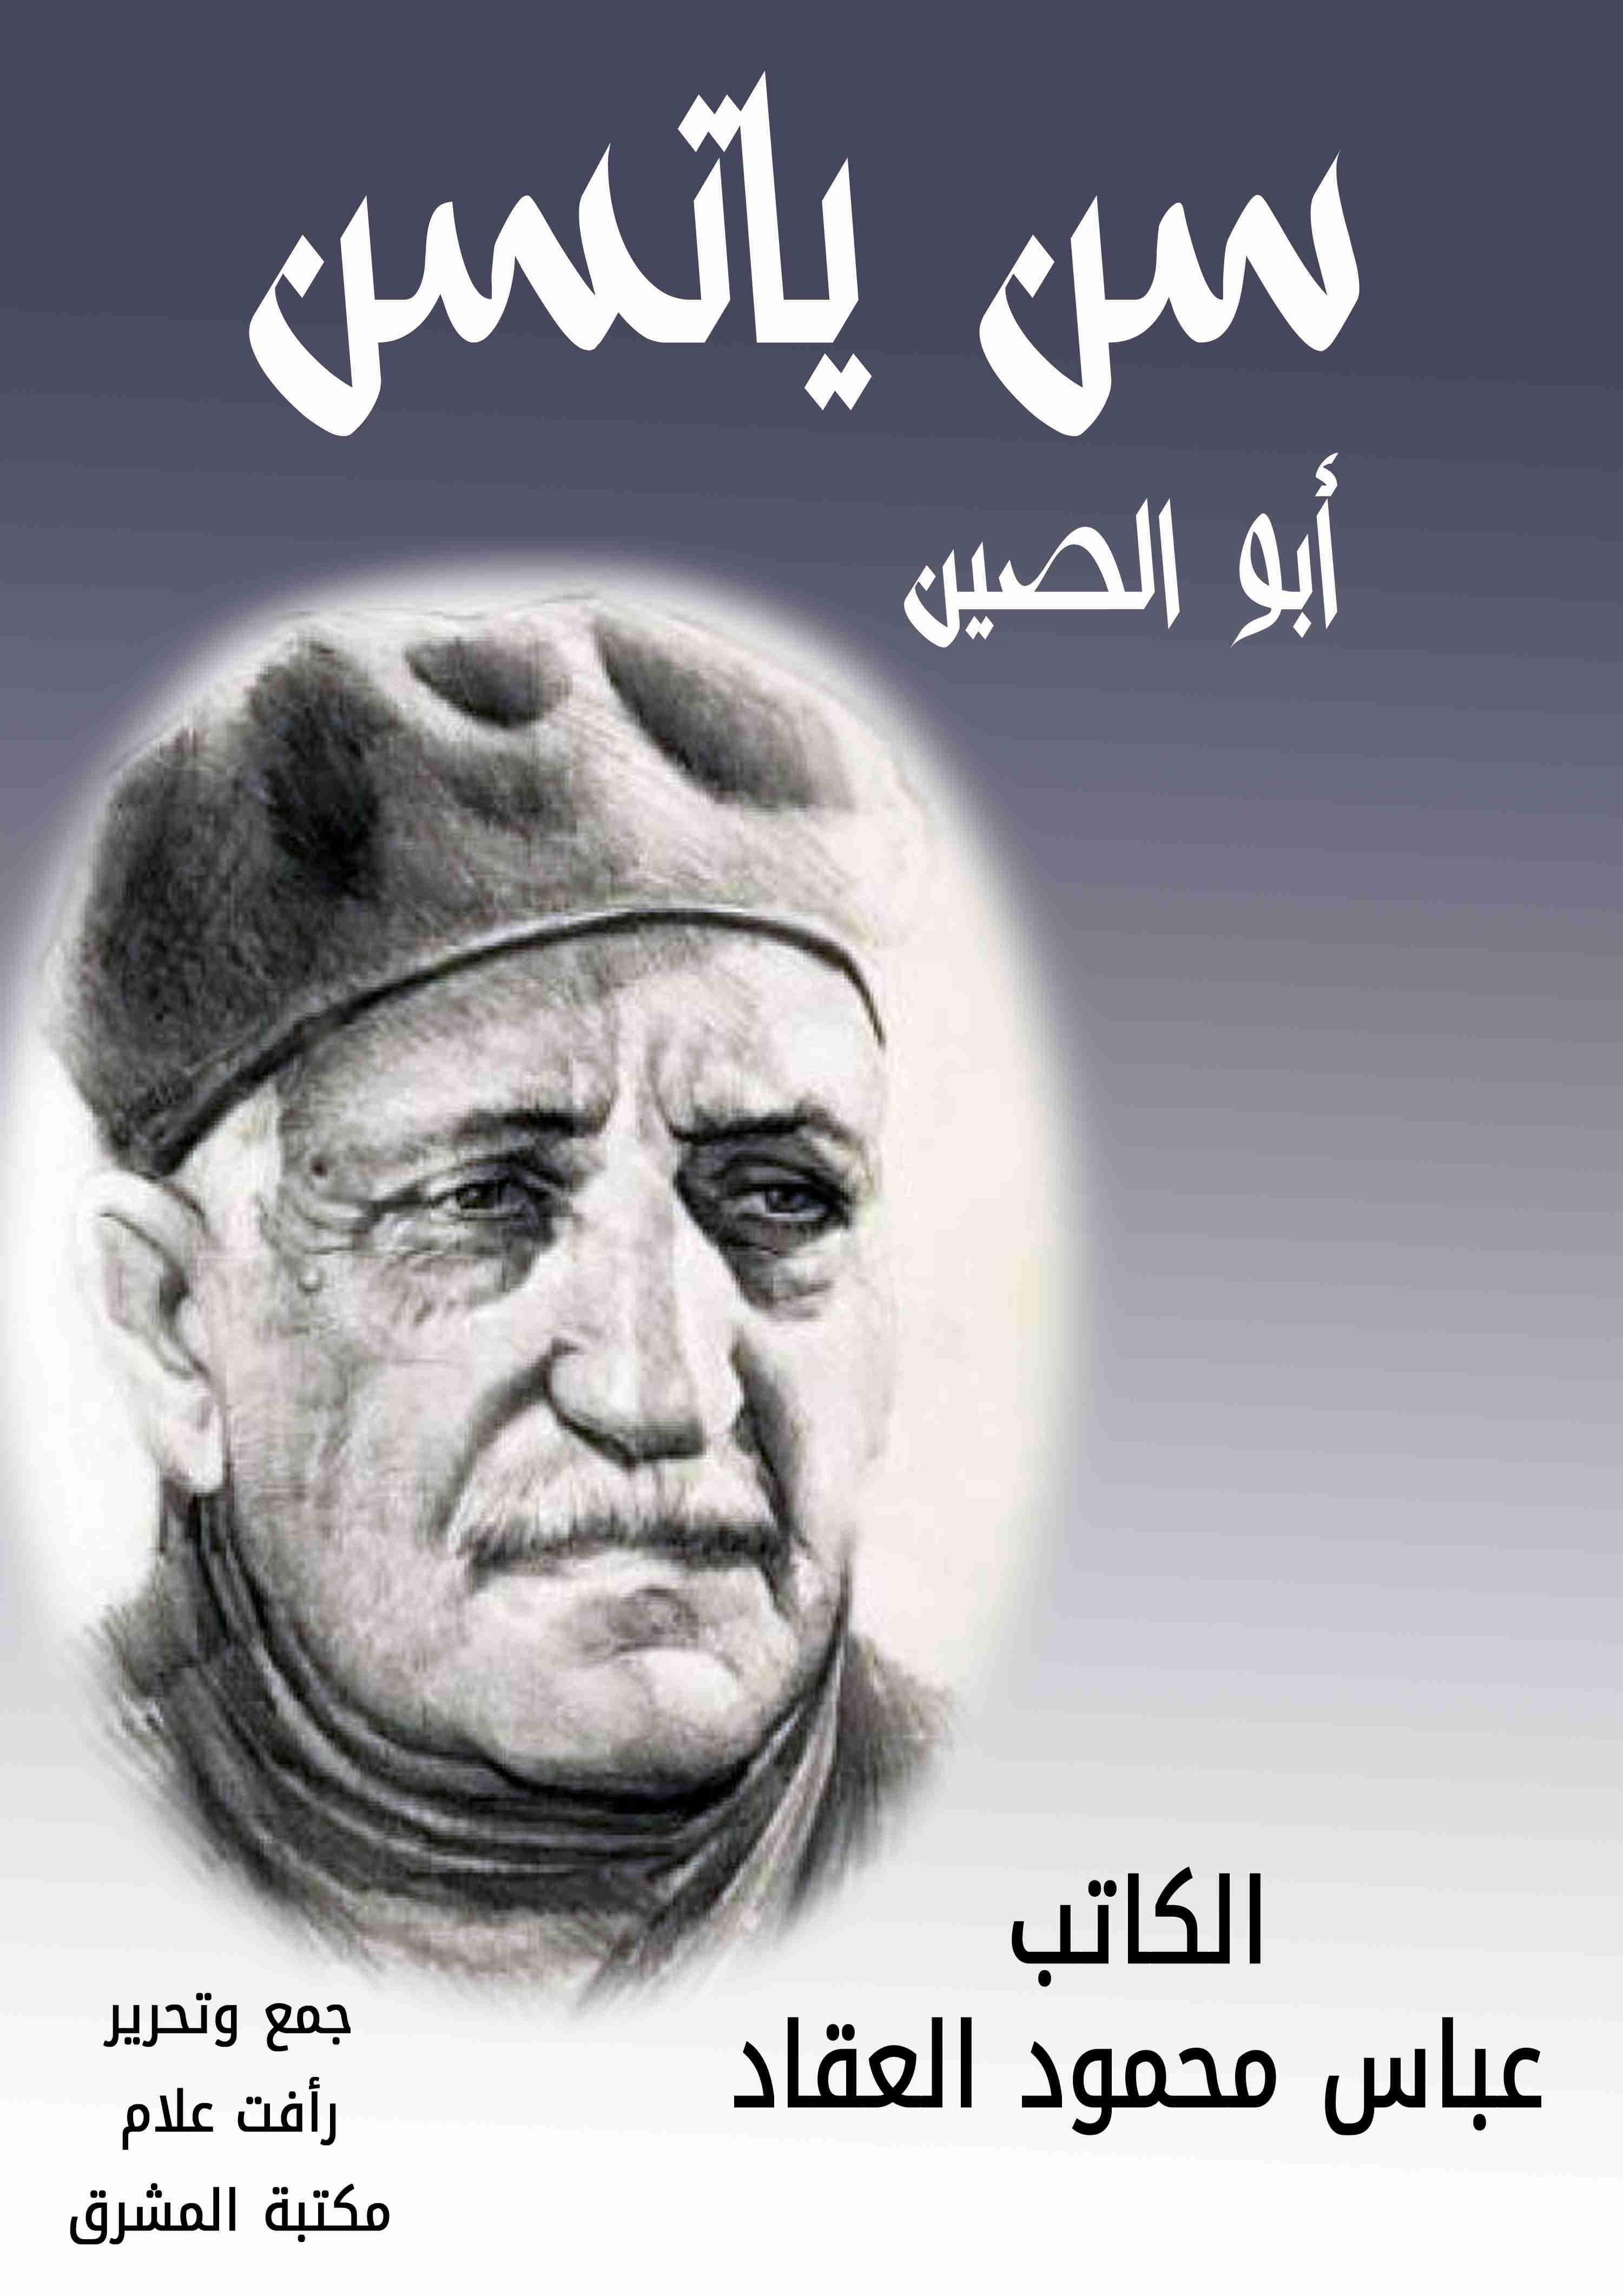 كتاب سن ياتسن أبو الصين لـ عباس العقاد